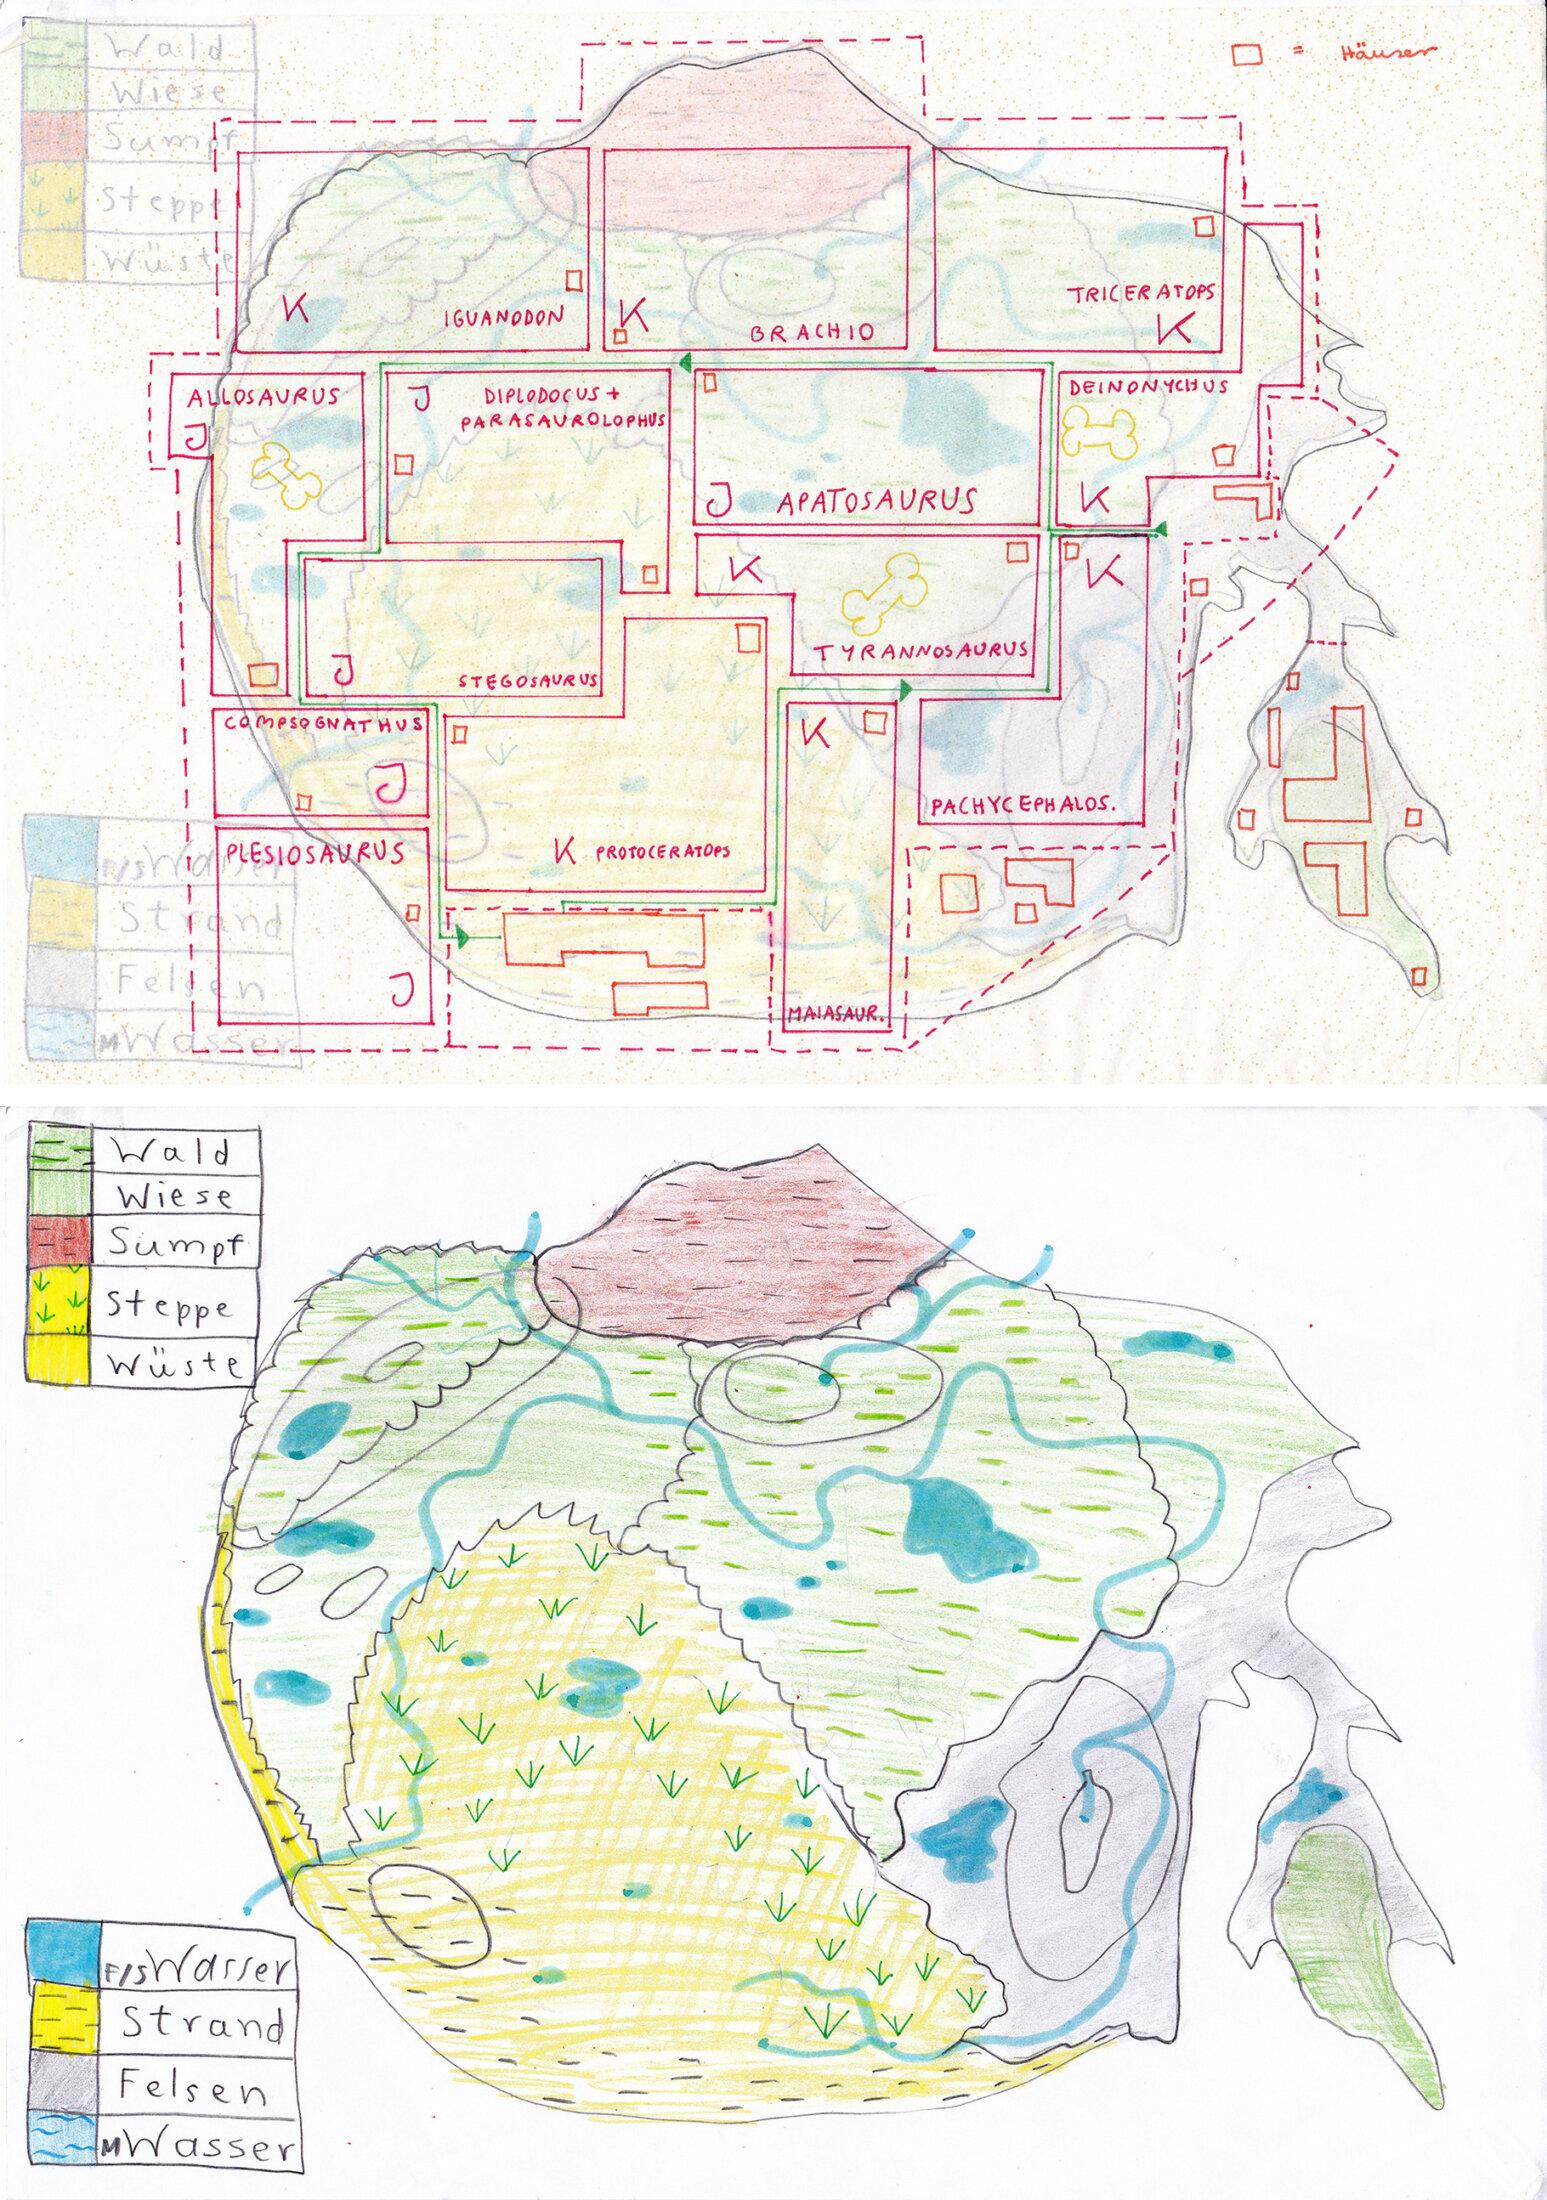 Landkarte Dinopark mit transentem Layer (1996?)